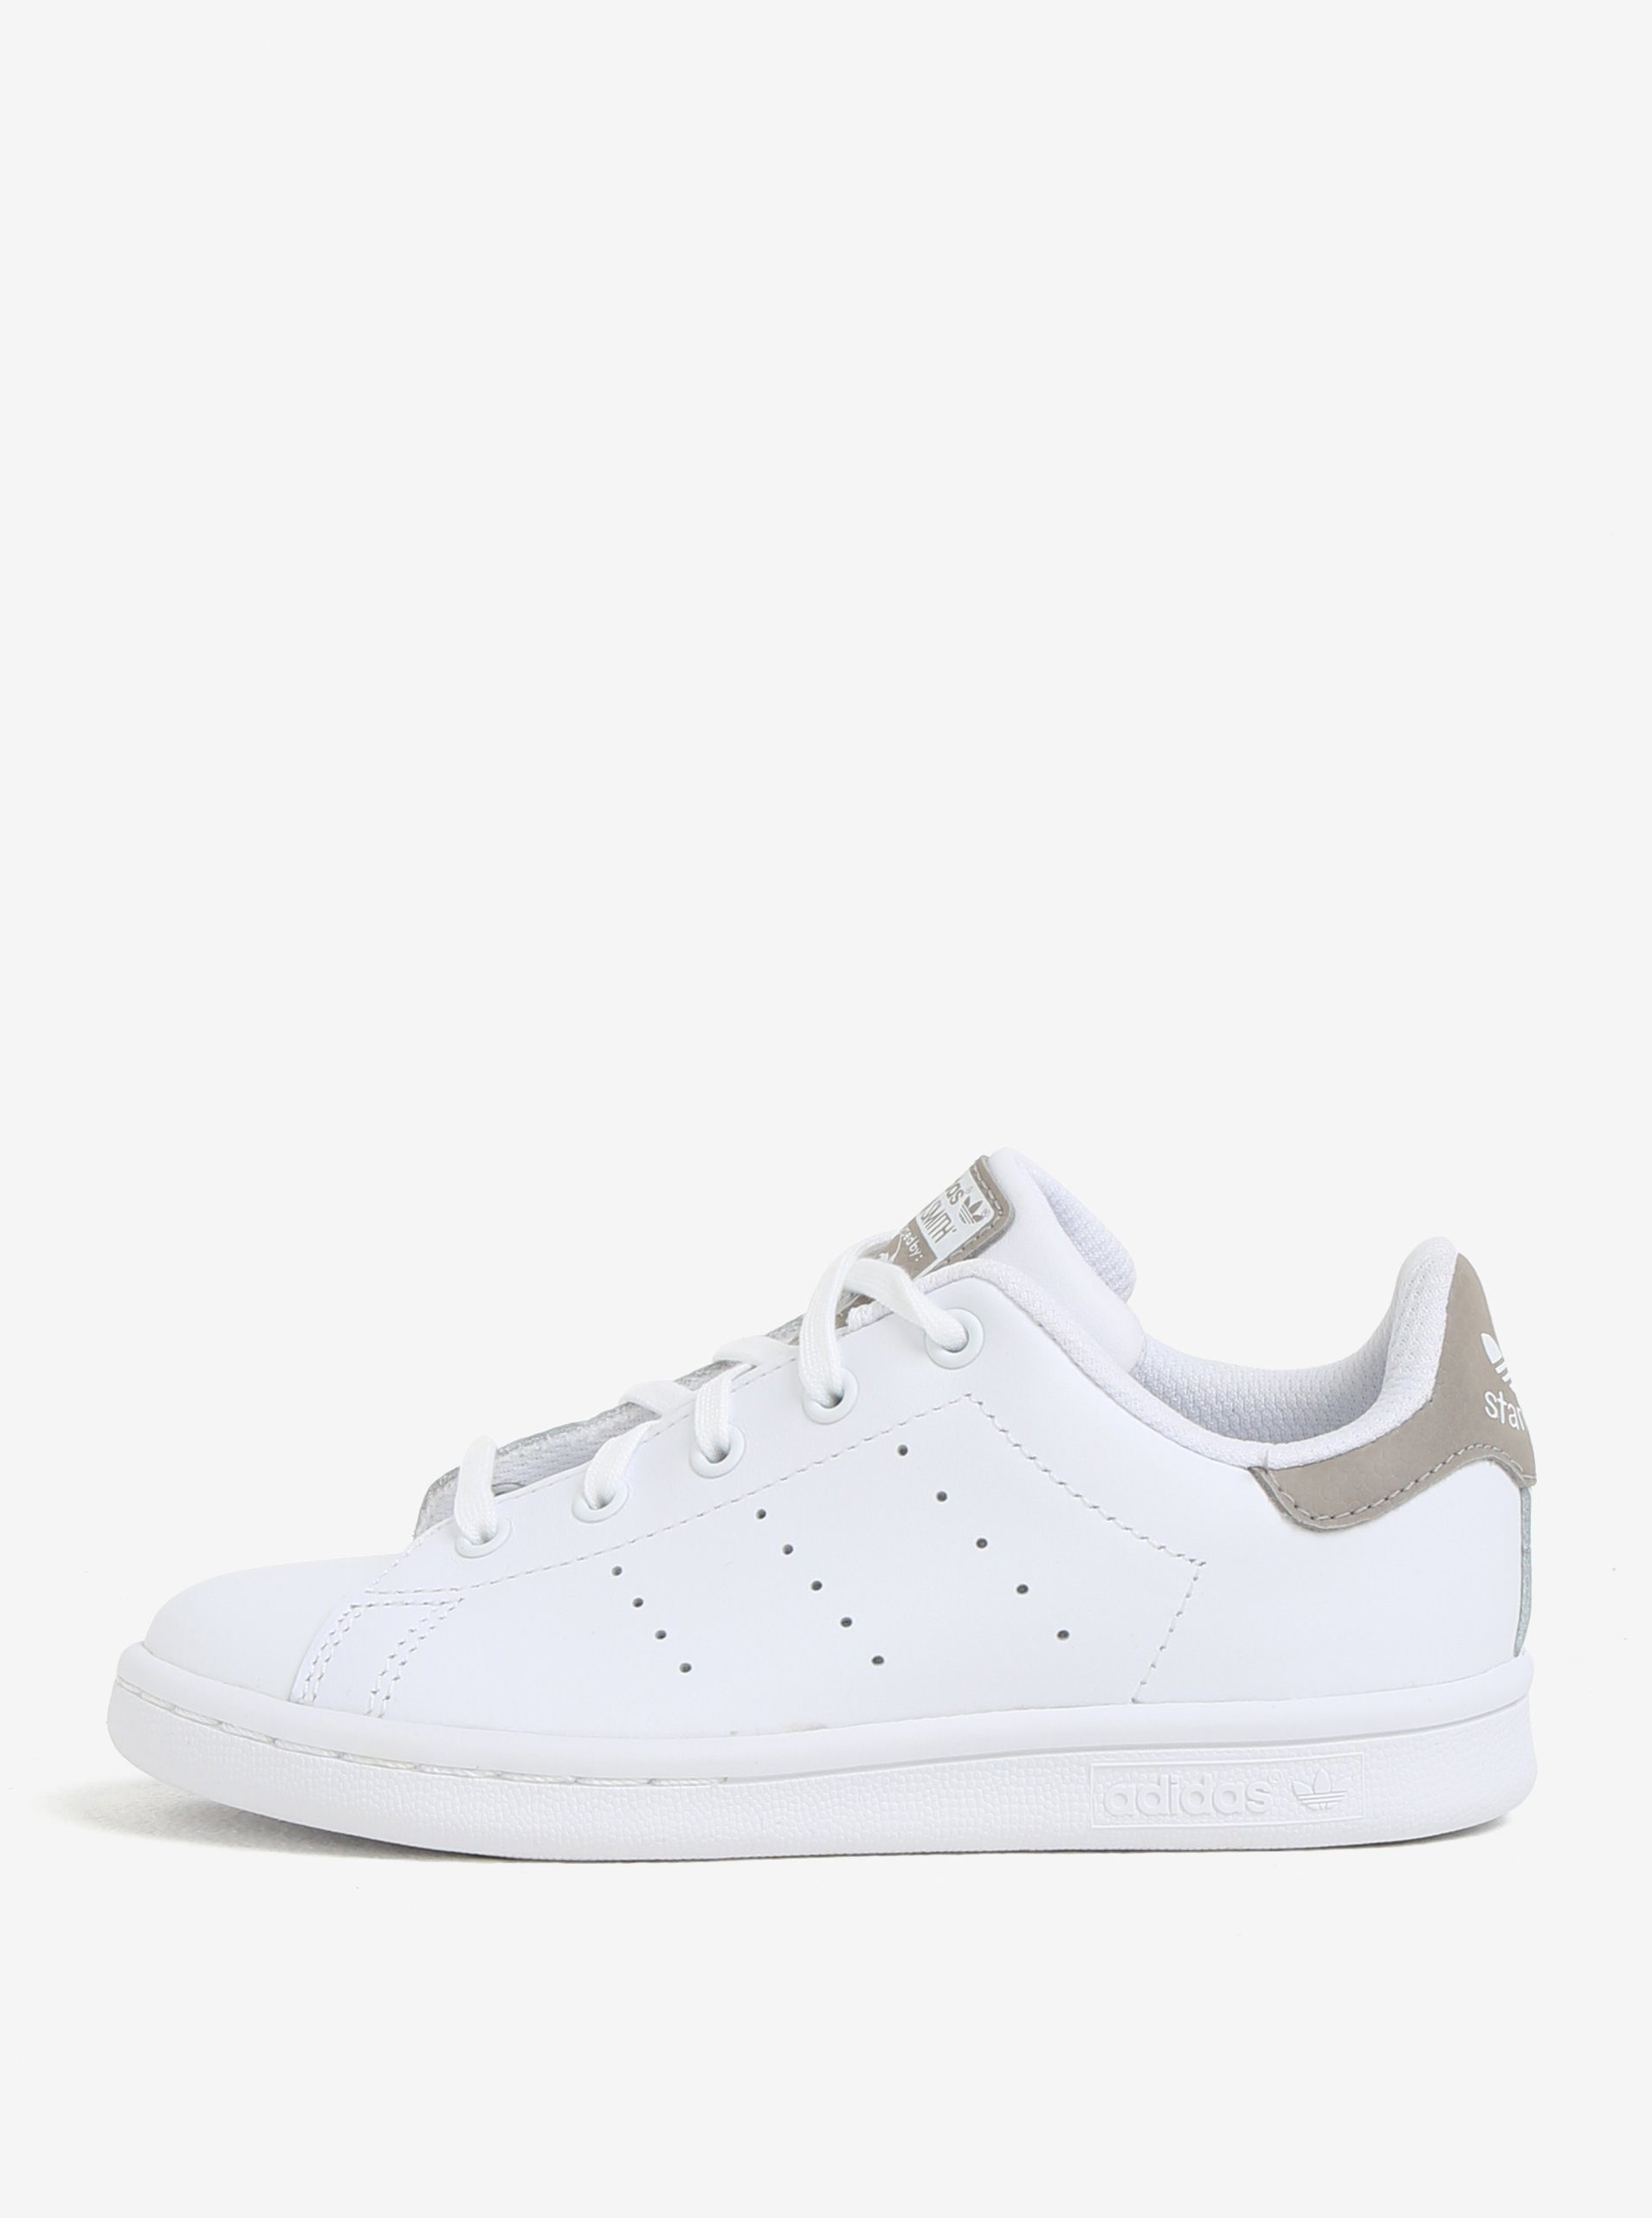 12d3512874105 Biele detské kožené tenisky adidas Originals   Moda.sk